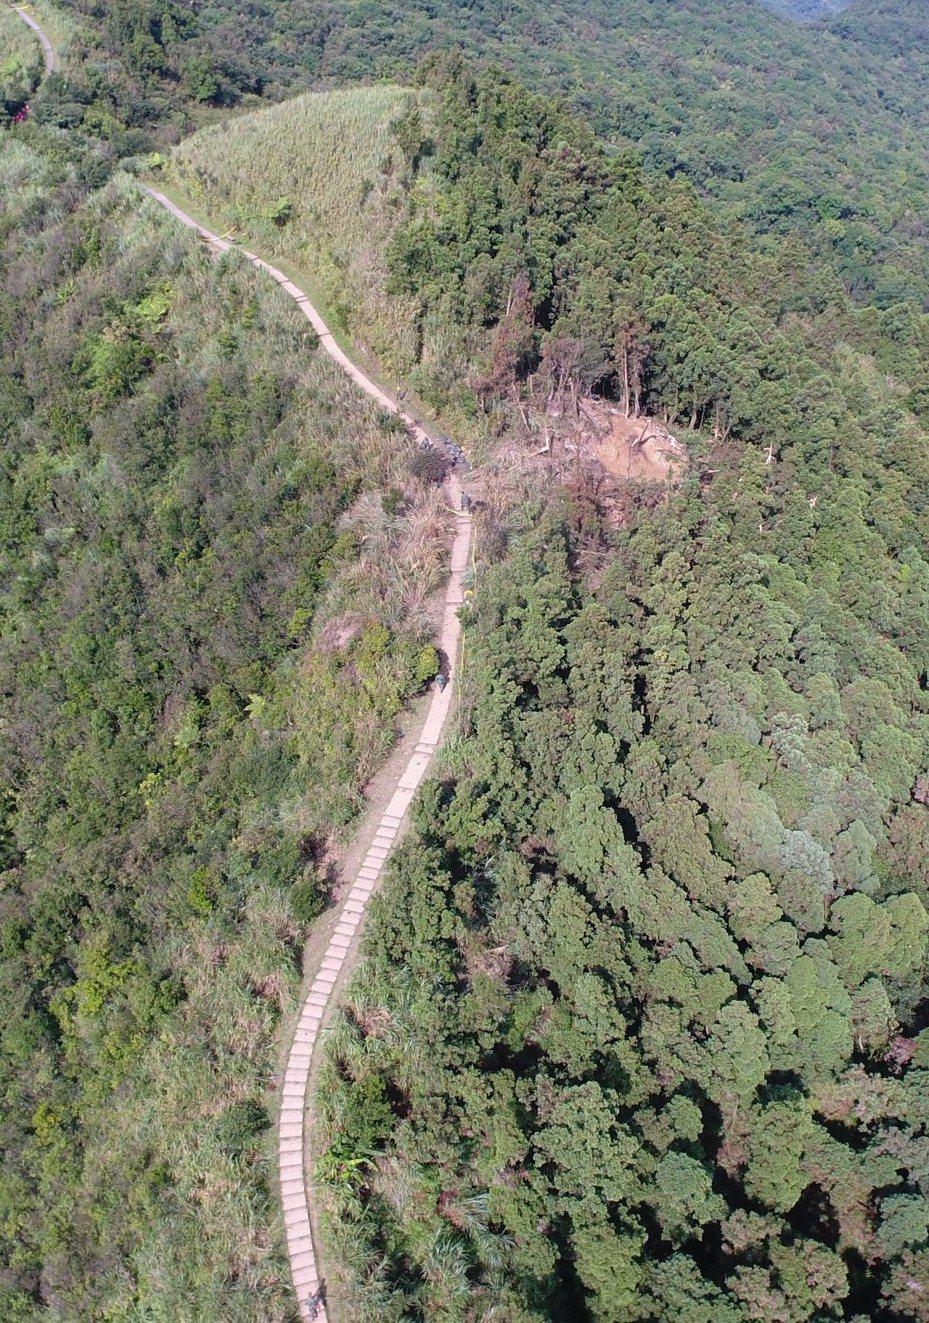 去年五分山發生F16墜機事件,基隆消防局派出無人機小組,執行空中熱源探索及機骸定位,提供現場指揮官搜救資訊。圖/基隆消防局提供